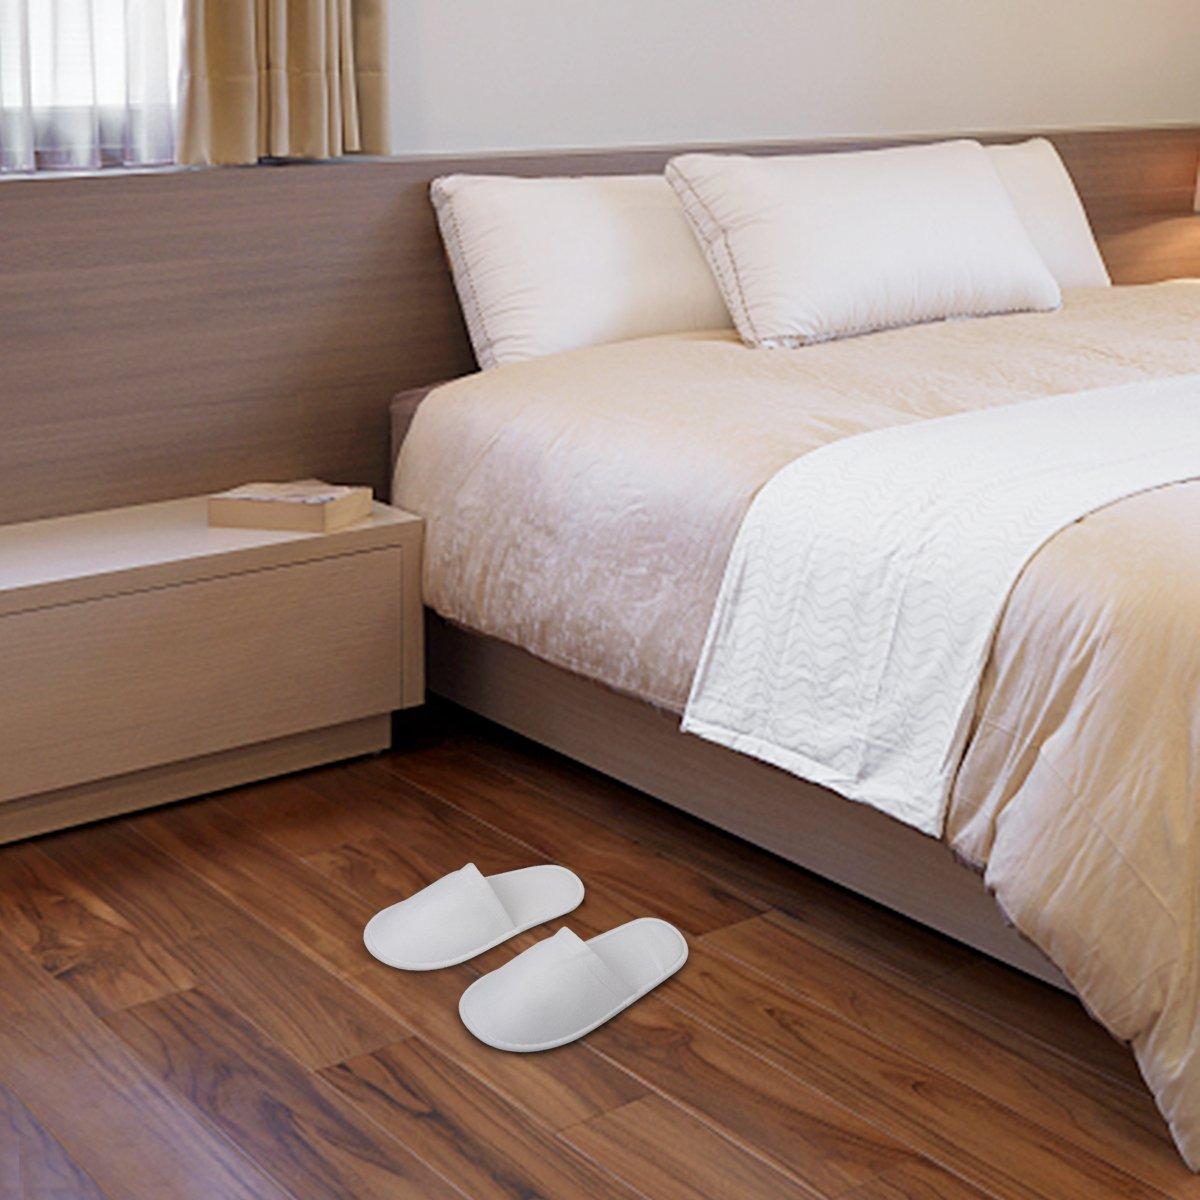 Diossad Pantofole Bianche morbide a Punta Chiusa Guest Pantofole monouso Home Guest Chiusa Hotel Spa 5 Paia Bianche - 3cd36e